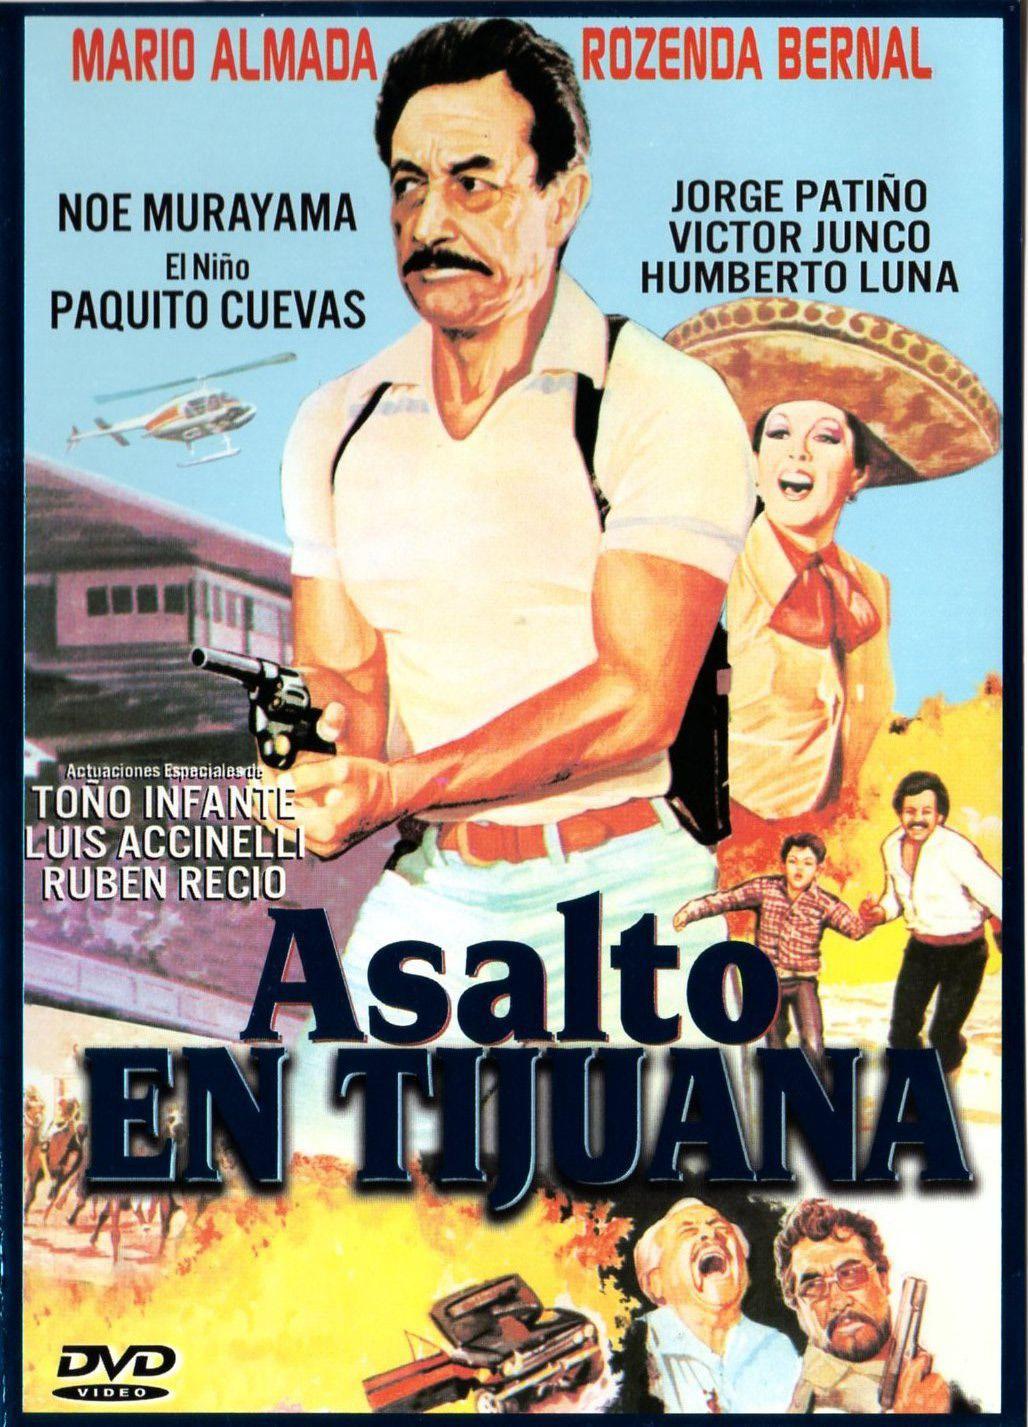 Asalto en Tijuana ((1984))